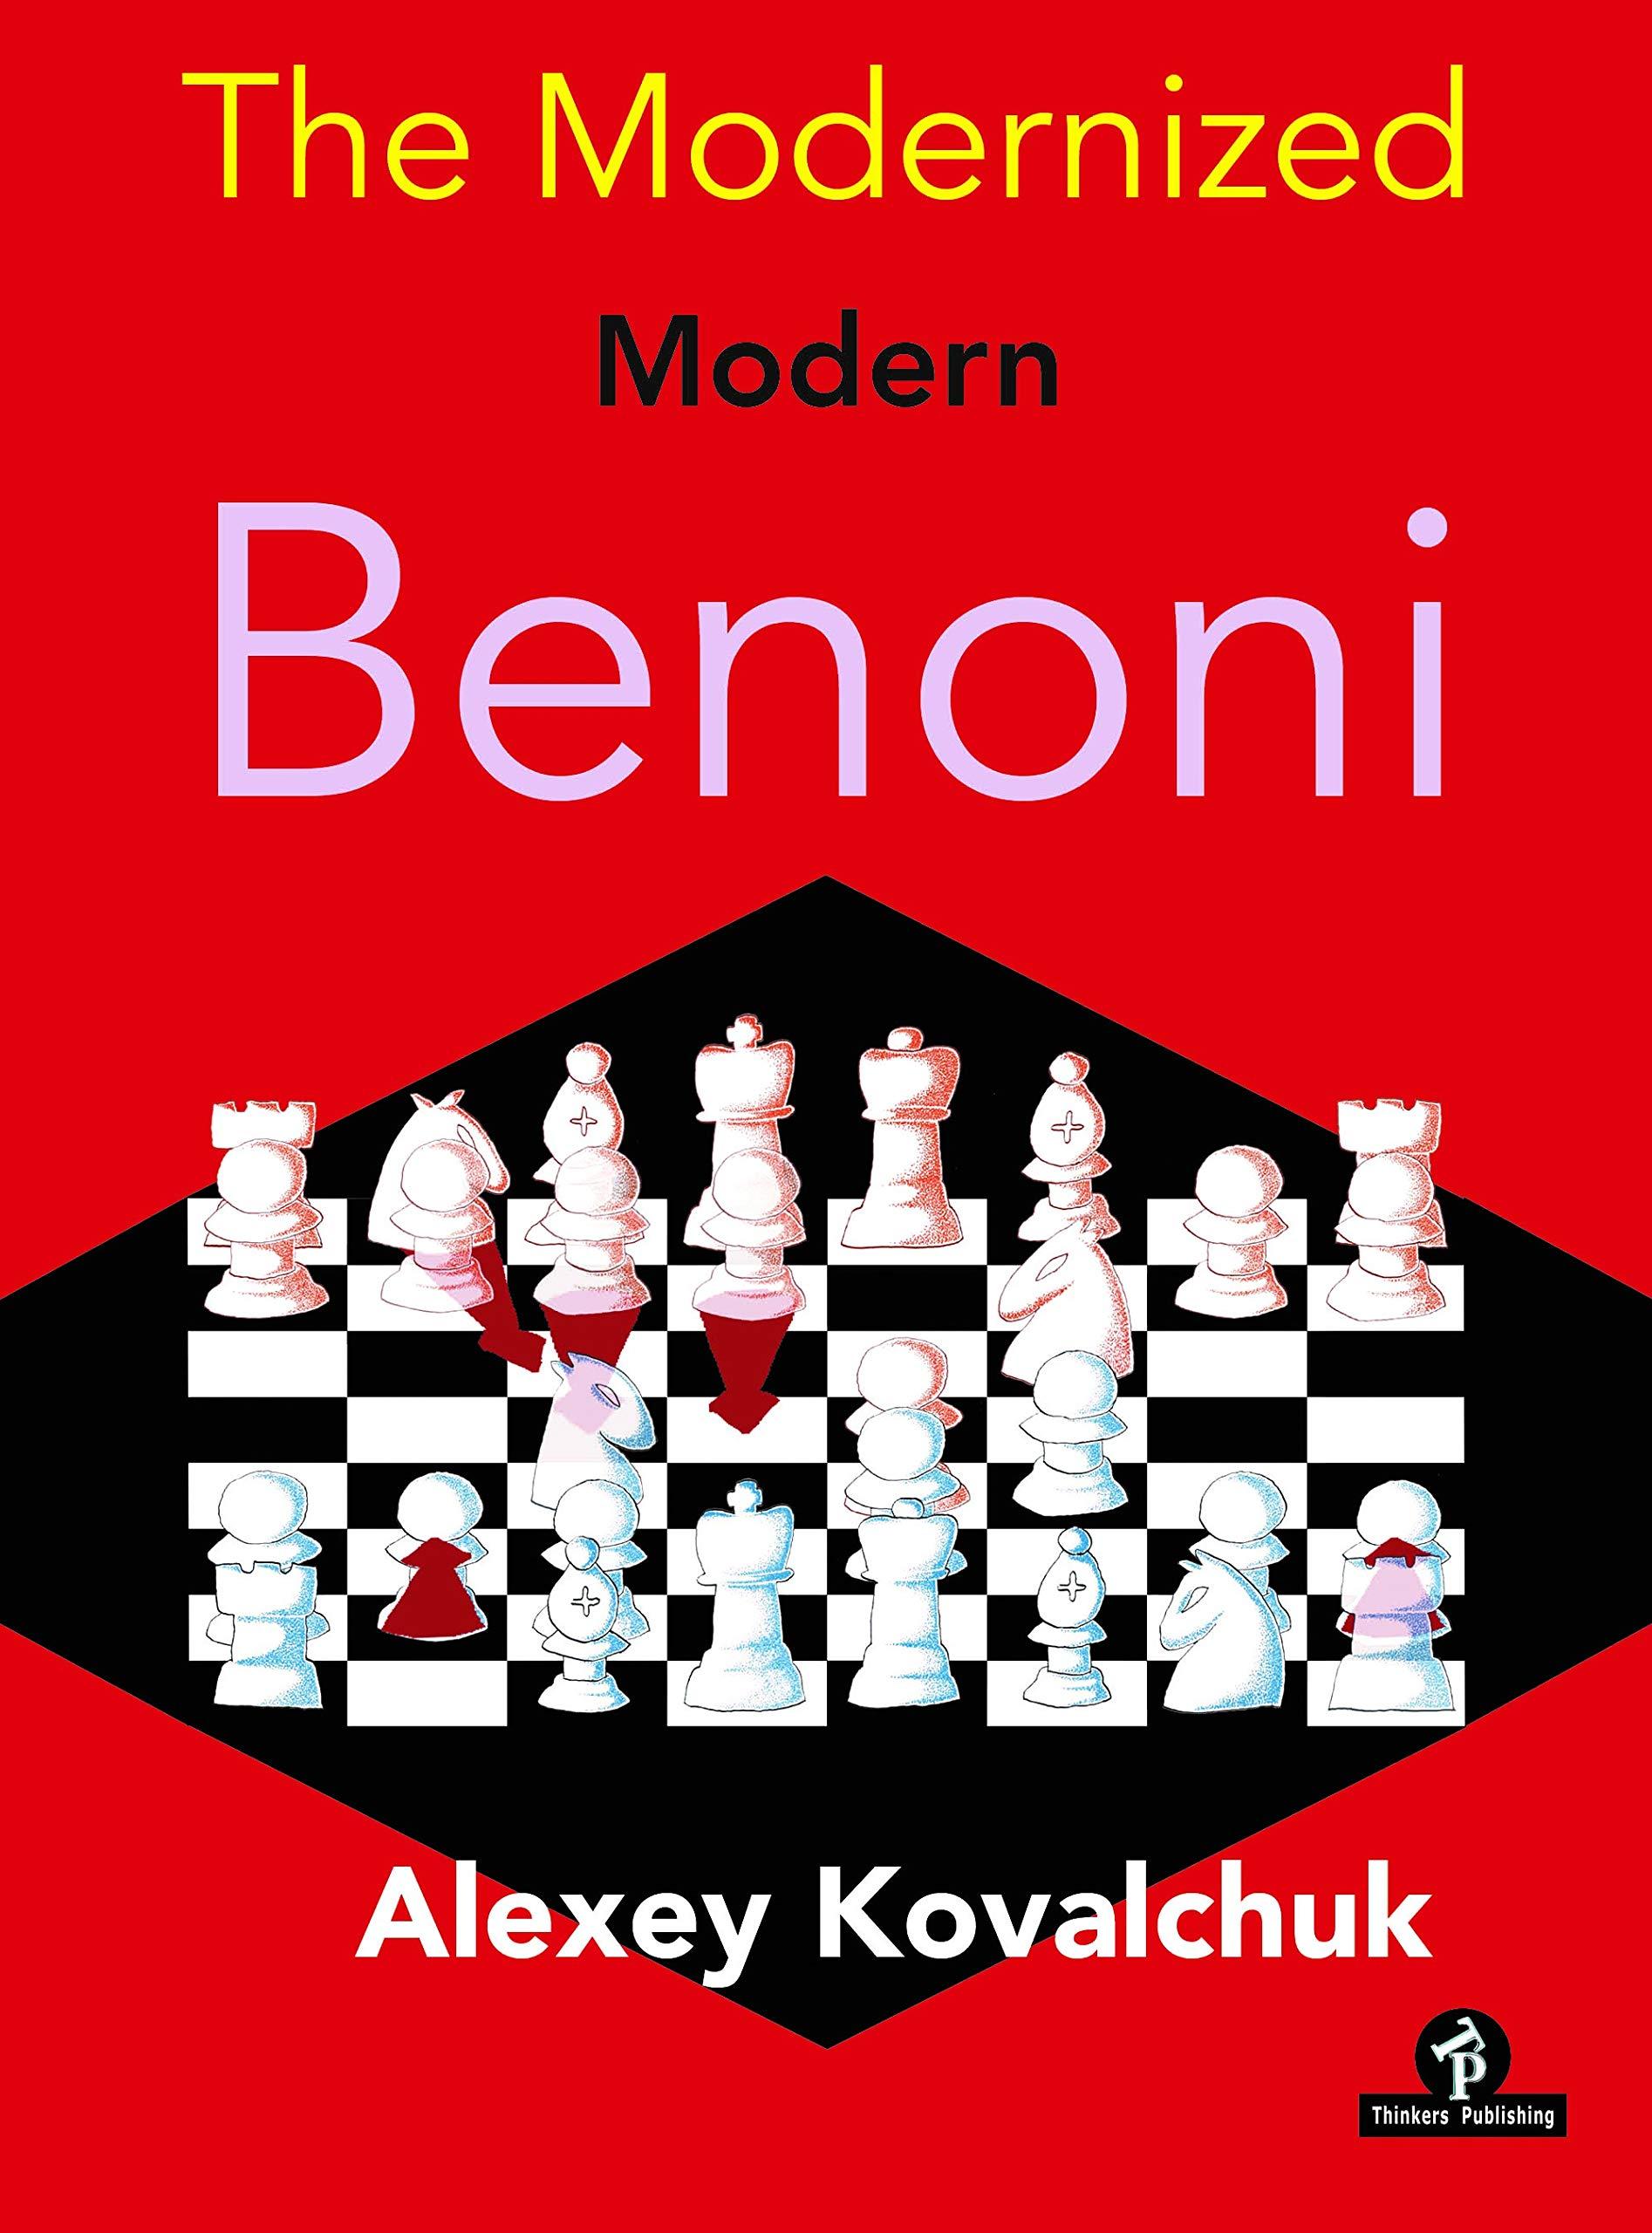 The Modernized Modern Benoni, Alexey Kovalchuk, Thinker's Publishing, 2021, ISBN-13 : 978-9464201048